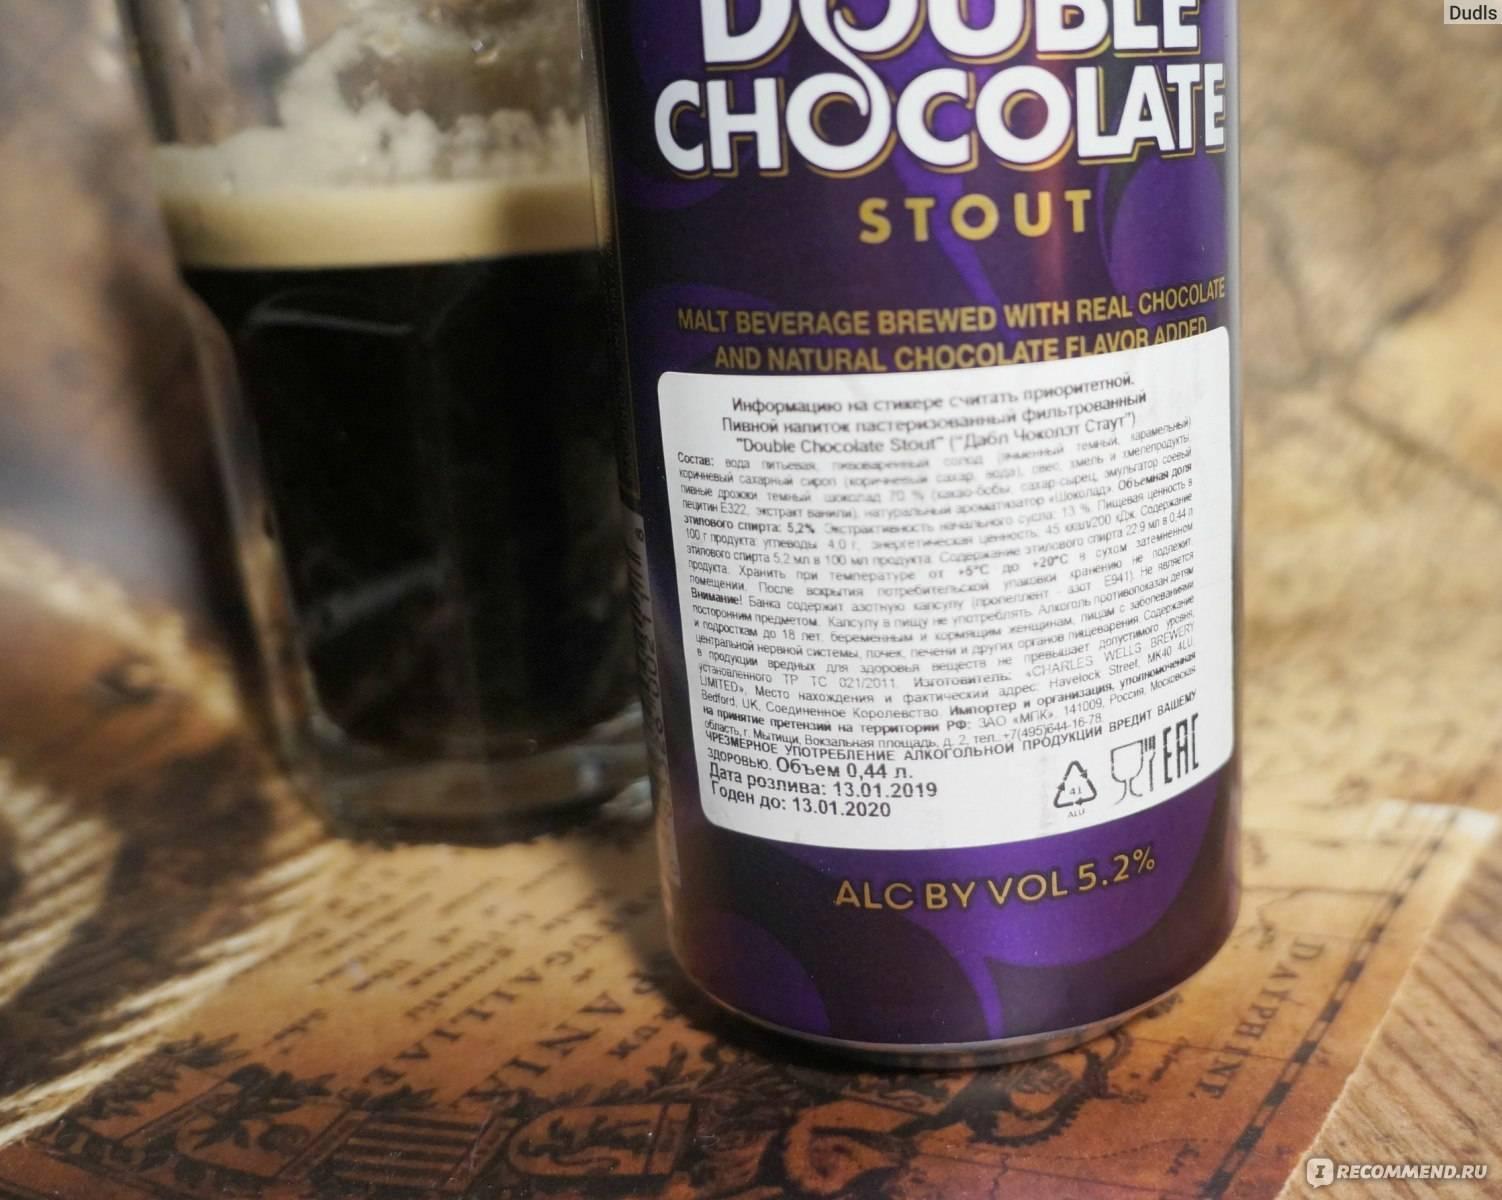 Шоколадное пиво стаут